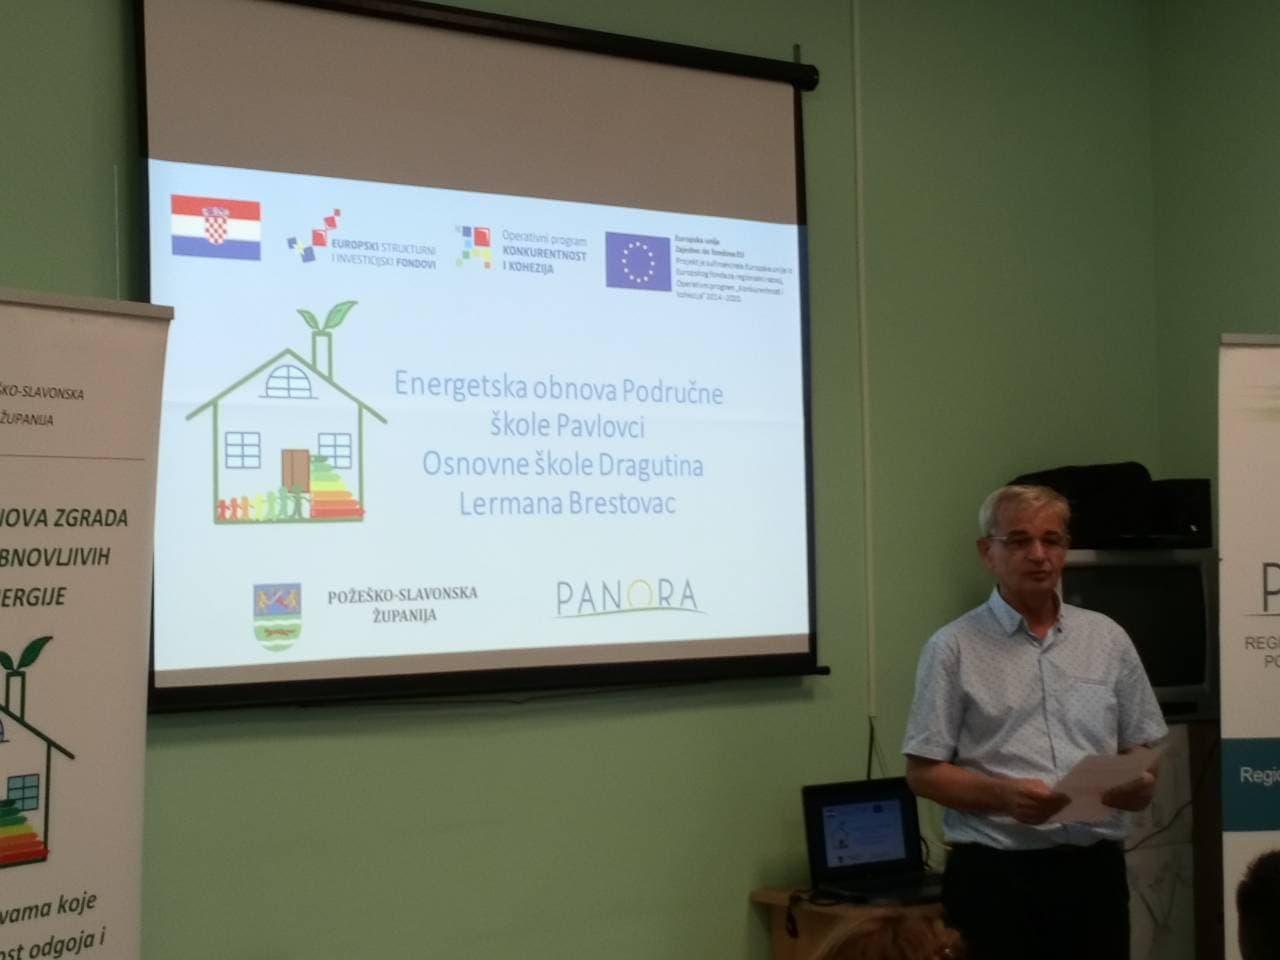 Održana završna konferencija projekta energetska obnova zgrade Područne škole Pavlovci, Osnovne škole Dragutina Lermana Brestovac